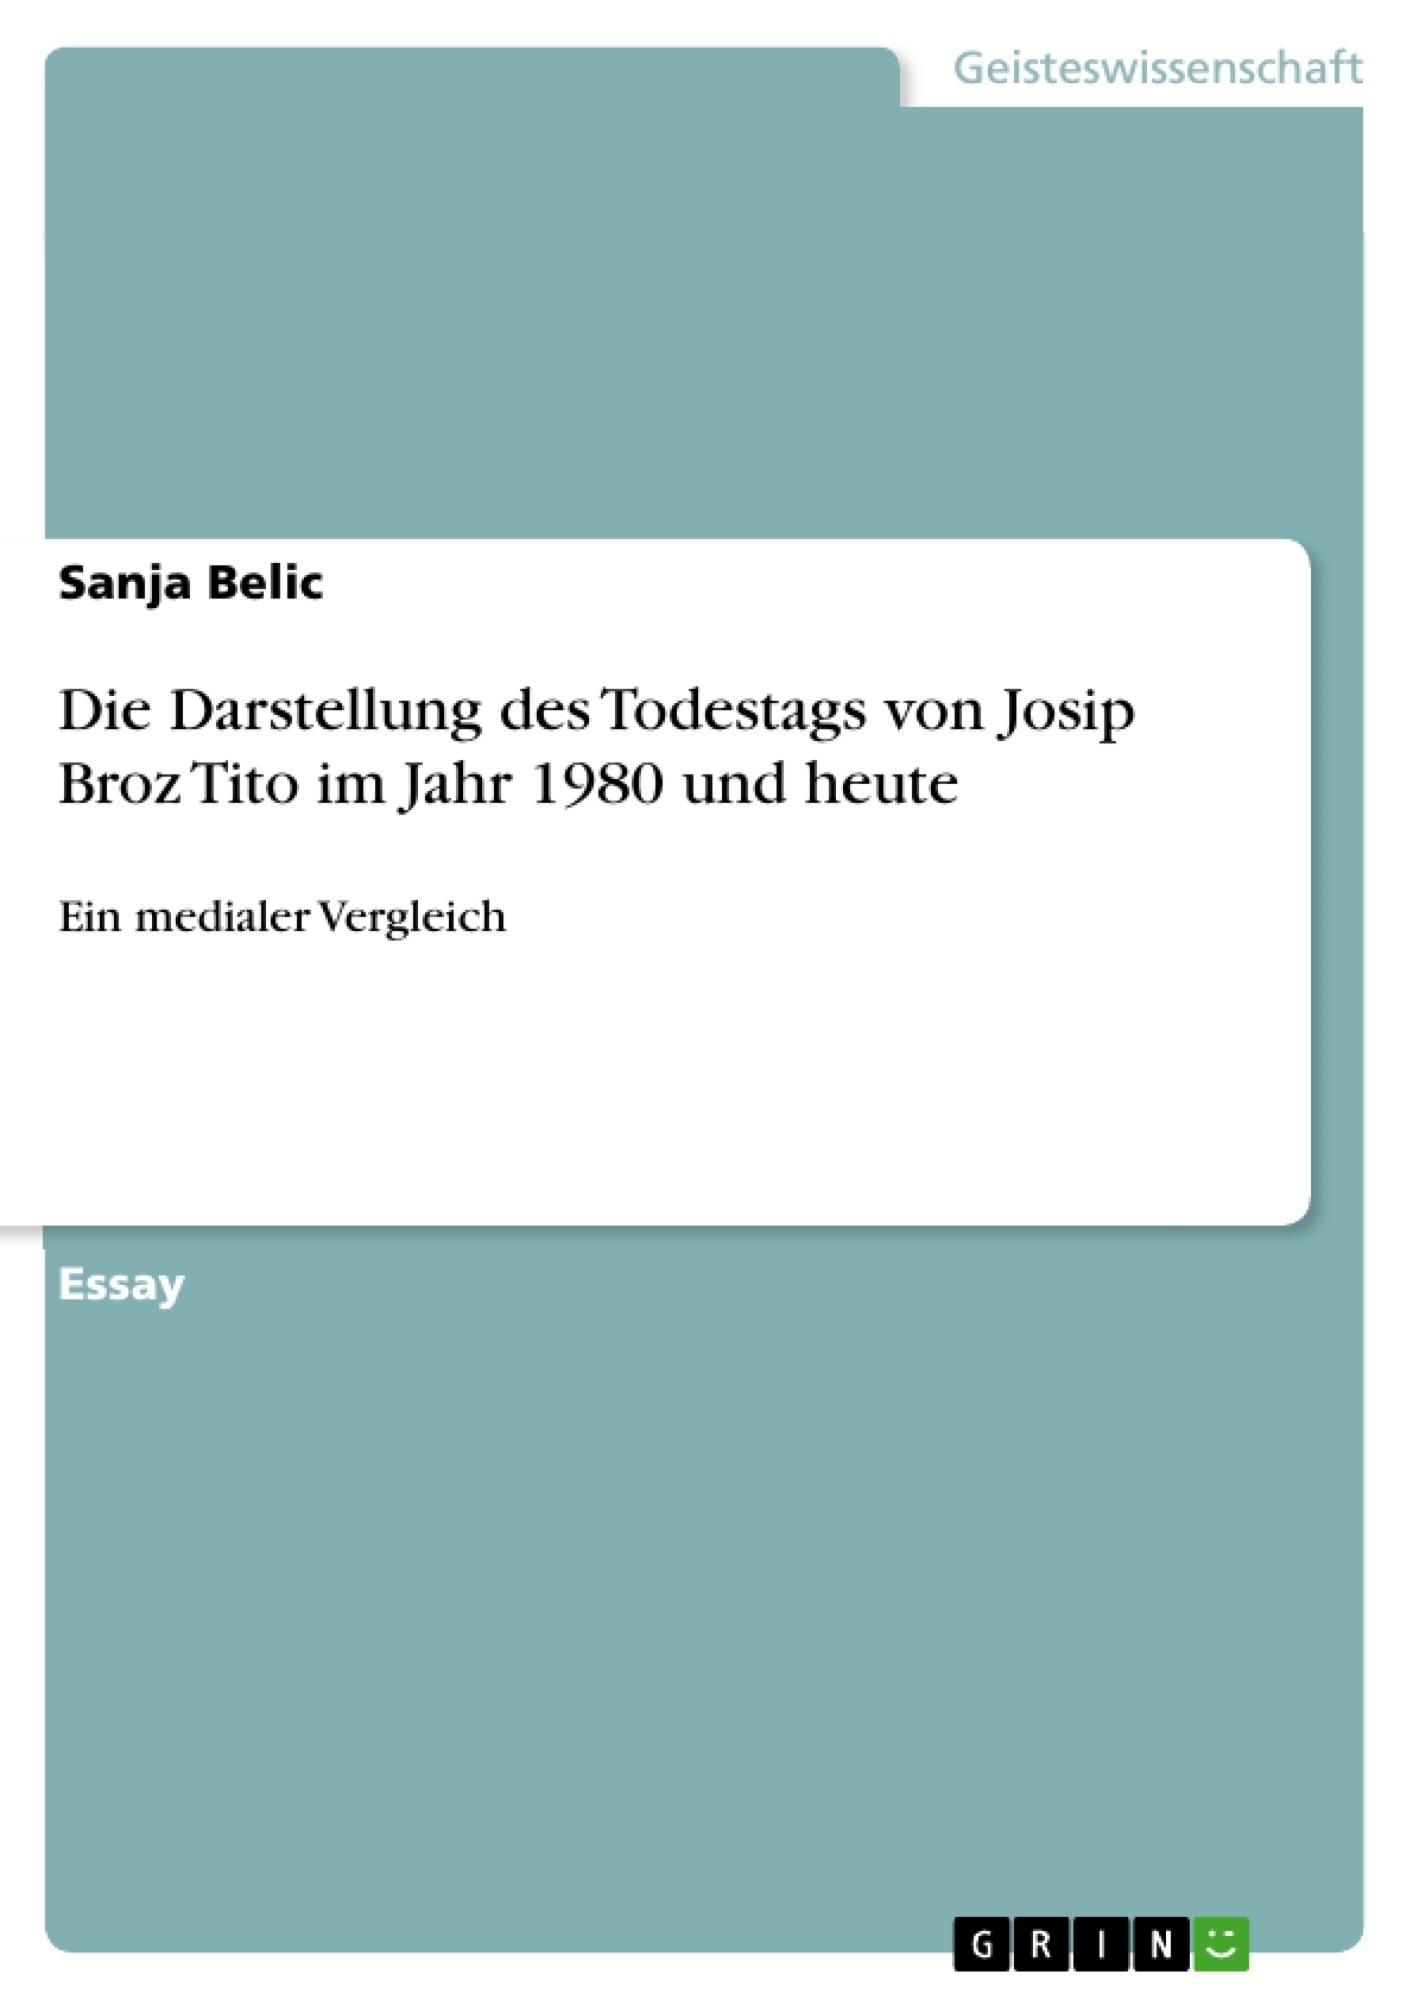 Titel: Die Darstellung des Todestags von Josip Broz Tito im Jahr 1980 und heute